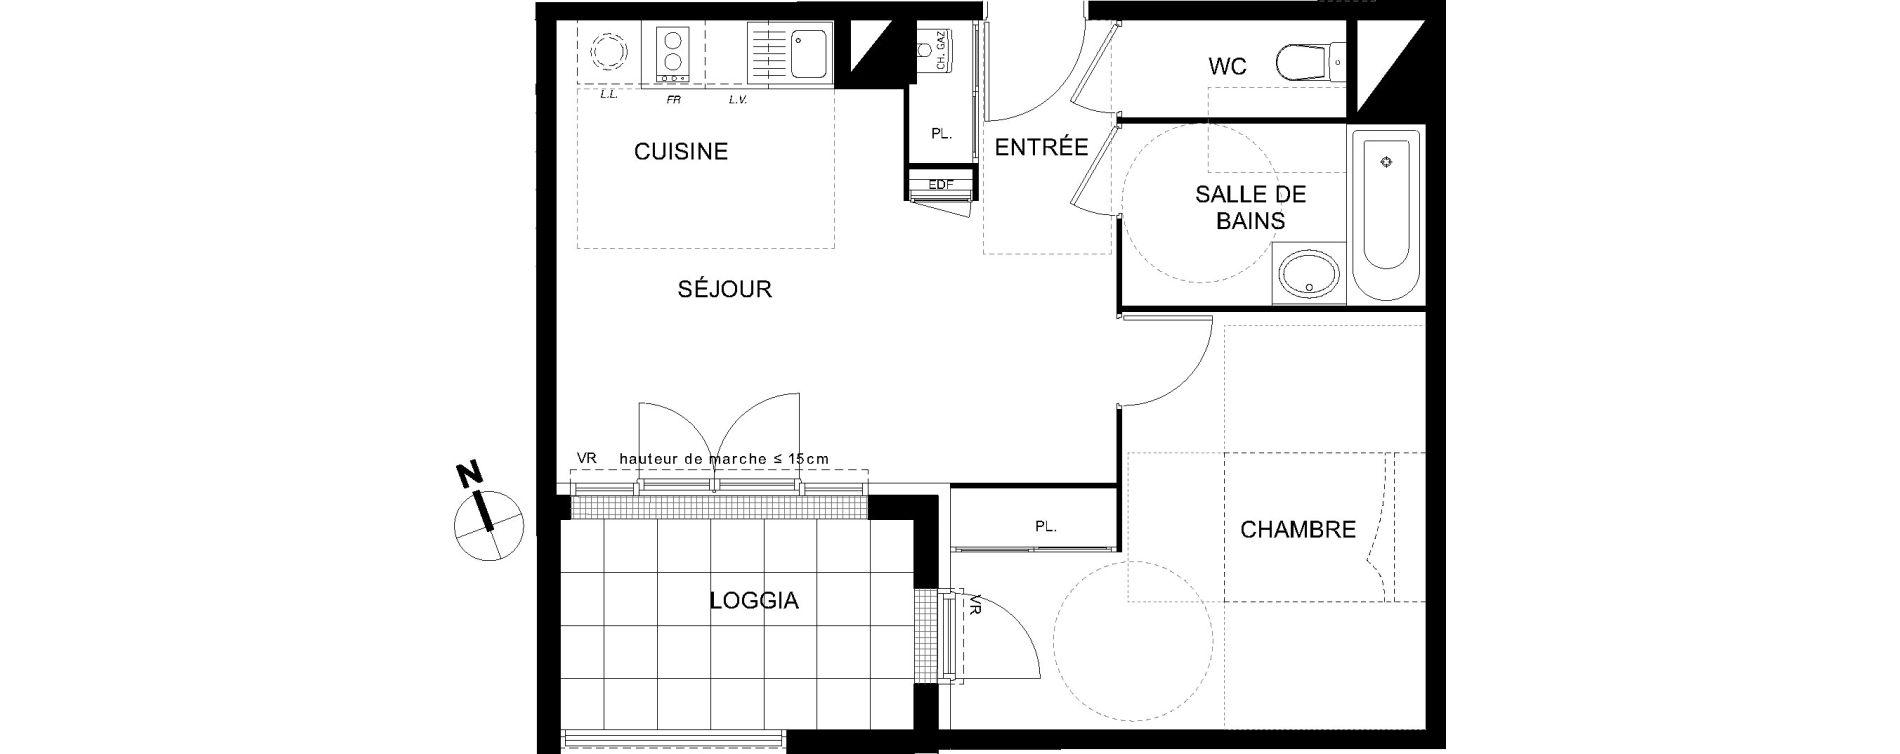 Appartement T2 de 43,72 m2 à Castanet-Tolosan Castanet tolosan centre